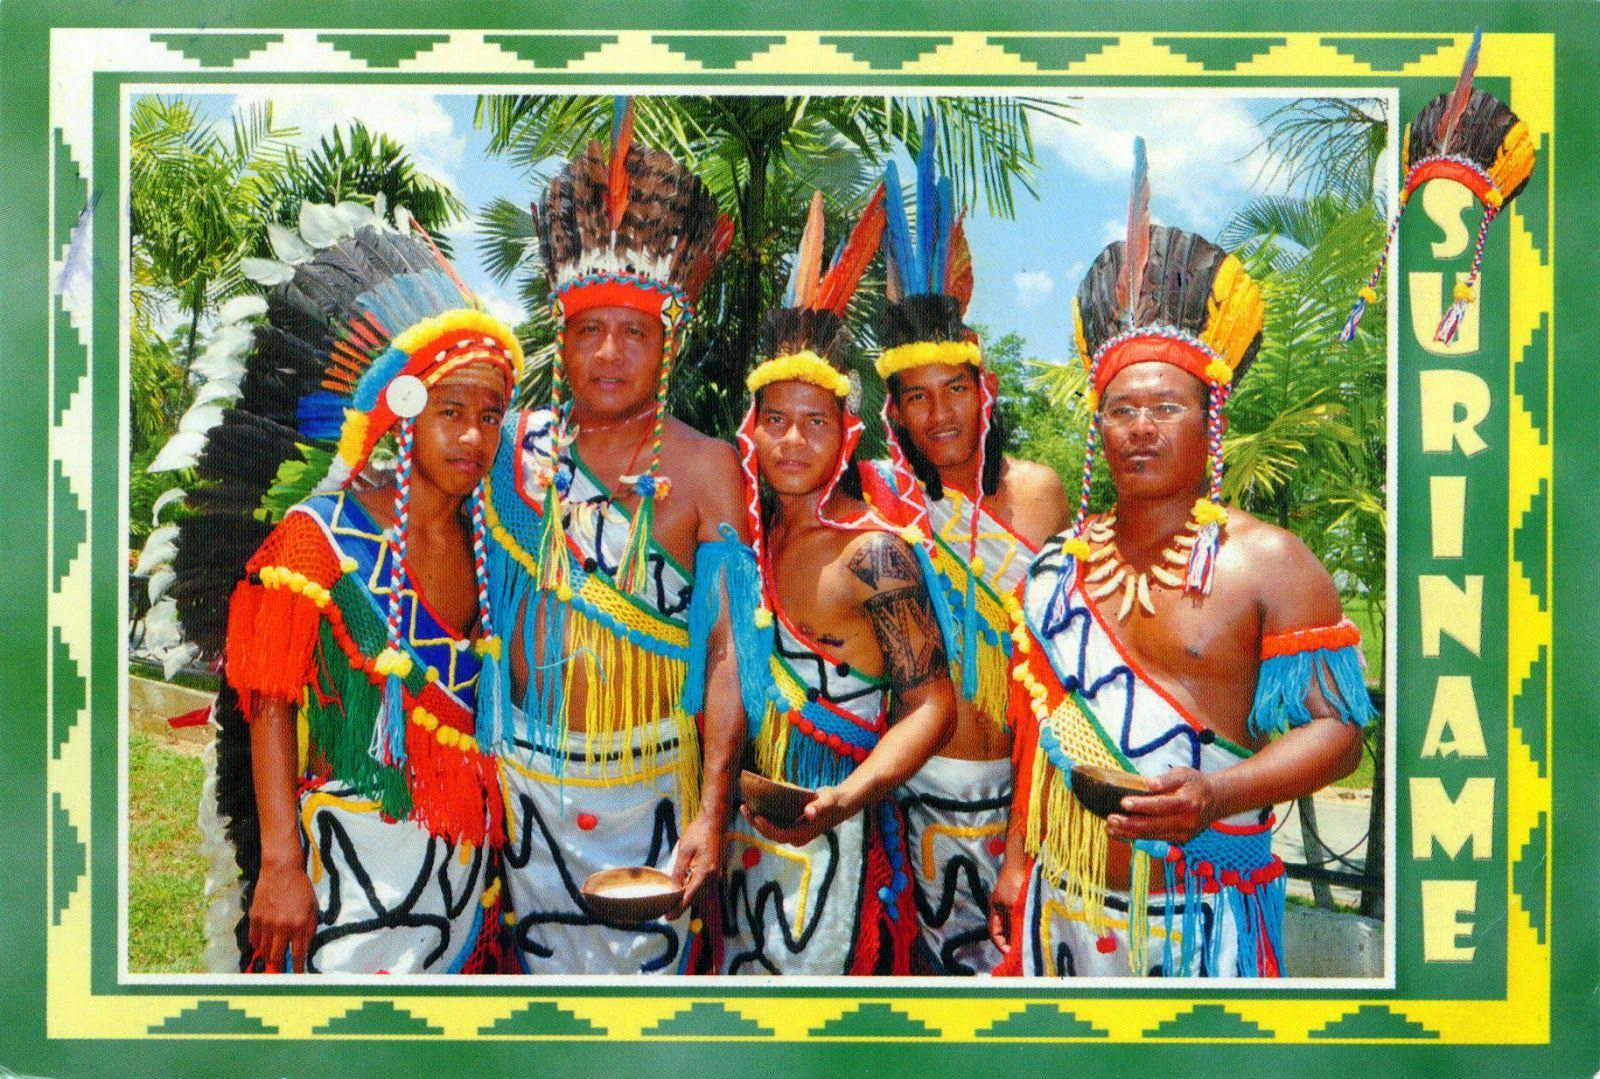 Suriname, indian   arawak ingi   South america ...   Arawak Indians Suriname South America